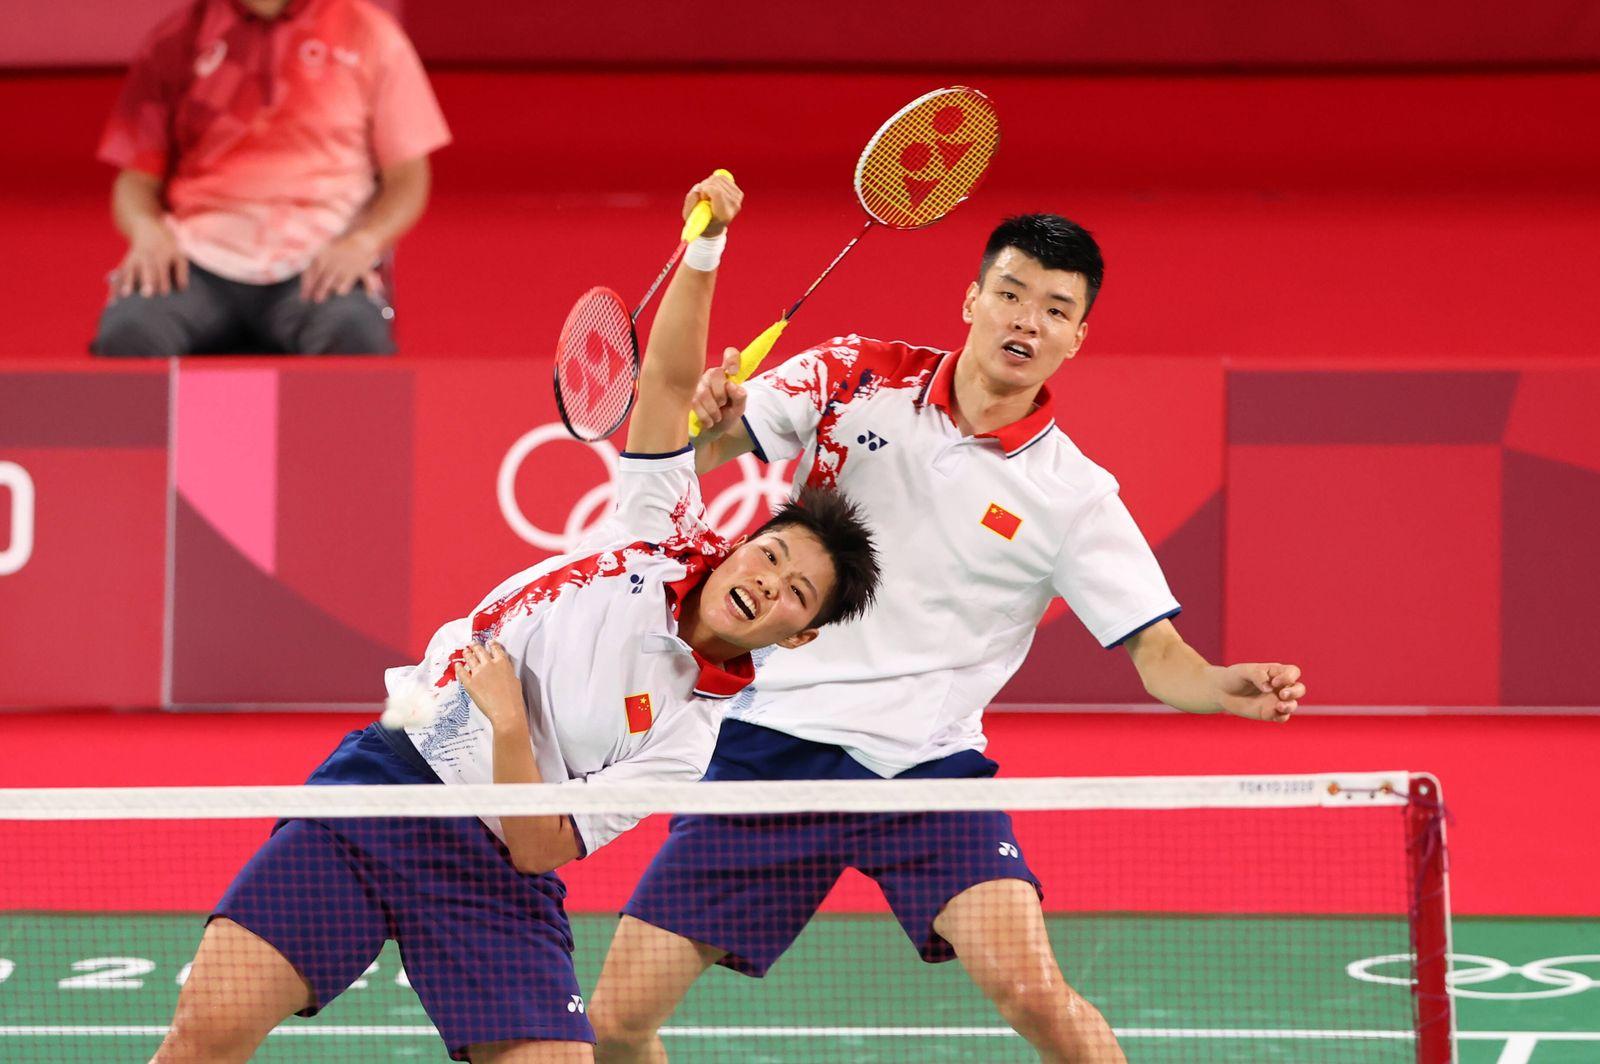 (L-R) HUANG Dong Ping, WANG Yi Lyu (CHN), JULY 28, 2021 - Badminton : Mixed Doubles - Quarterfinal during the Tokyo 202